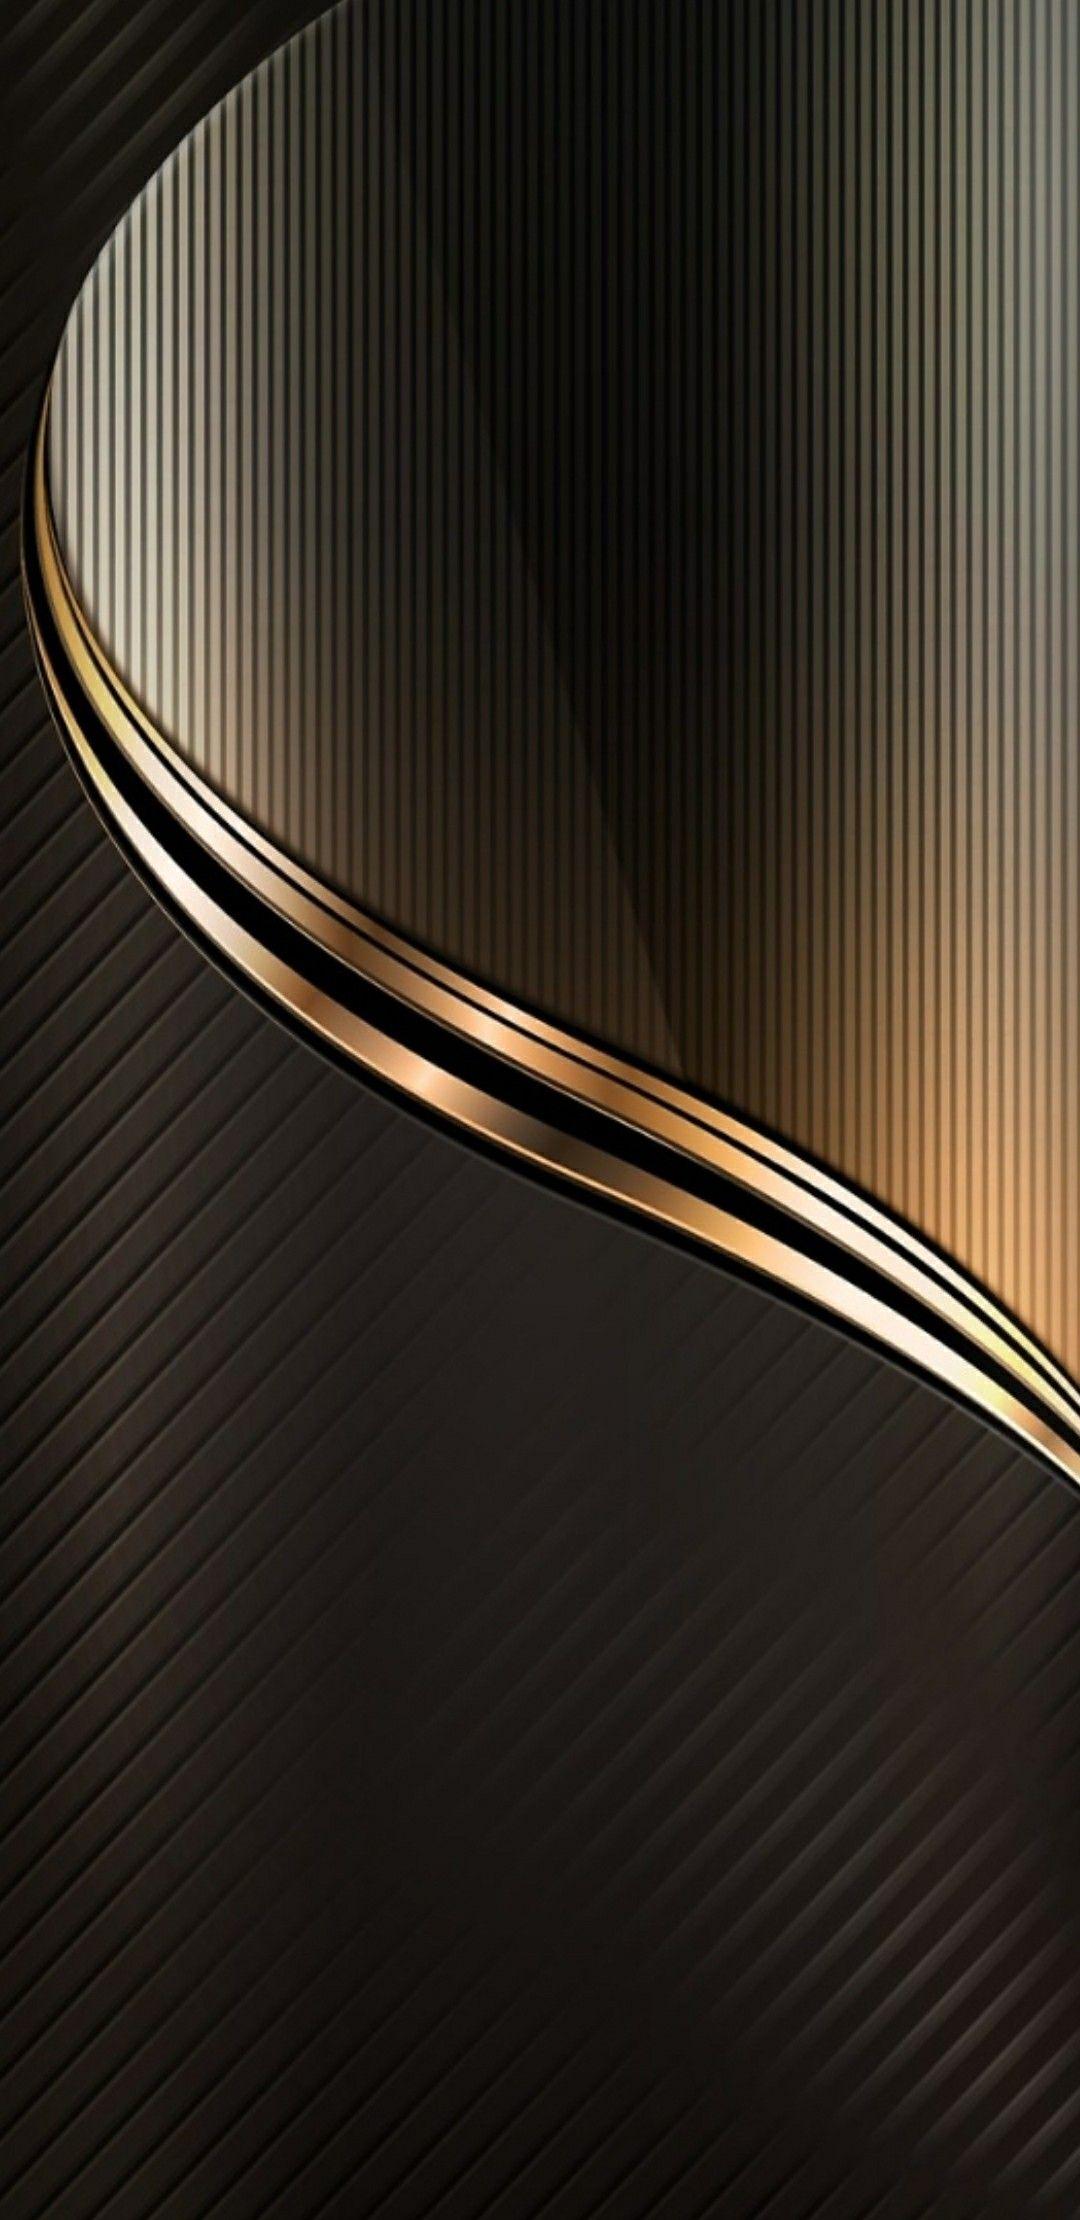 Pin By Marzena Kacz On Piny Motyw Brazowy Gold Elegant